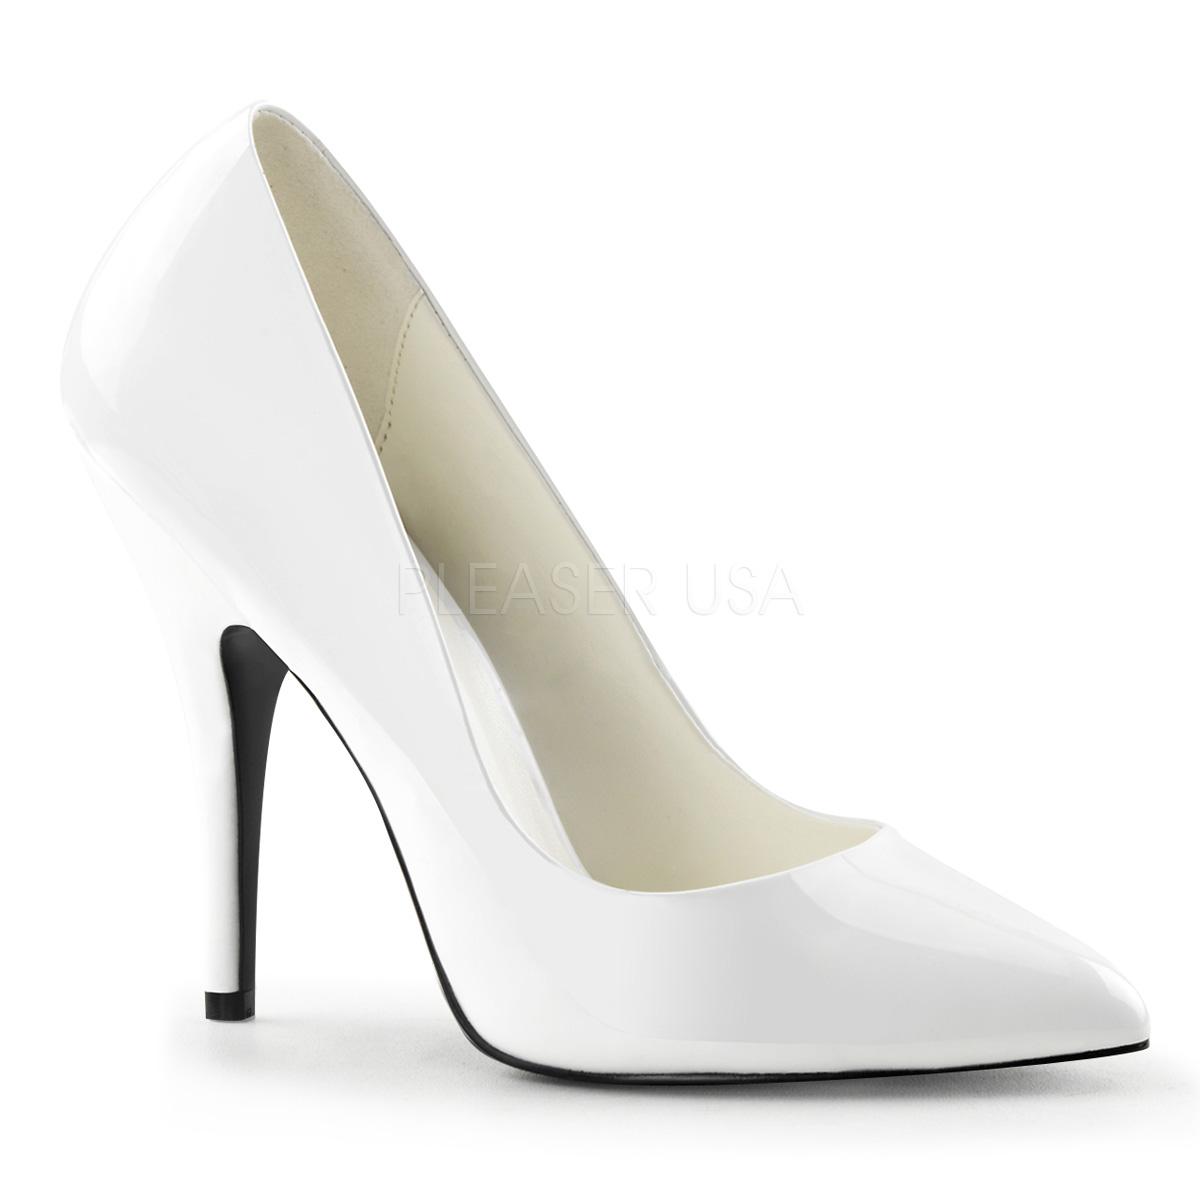 Chaussures 脿 Talons Mariage Soir茅e Escarpins 脿 Talons Aiguilles En Pu Avec  Plate Forme 803f299422f4